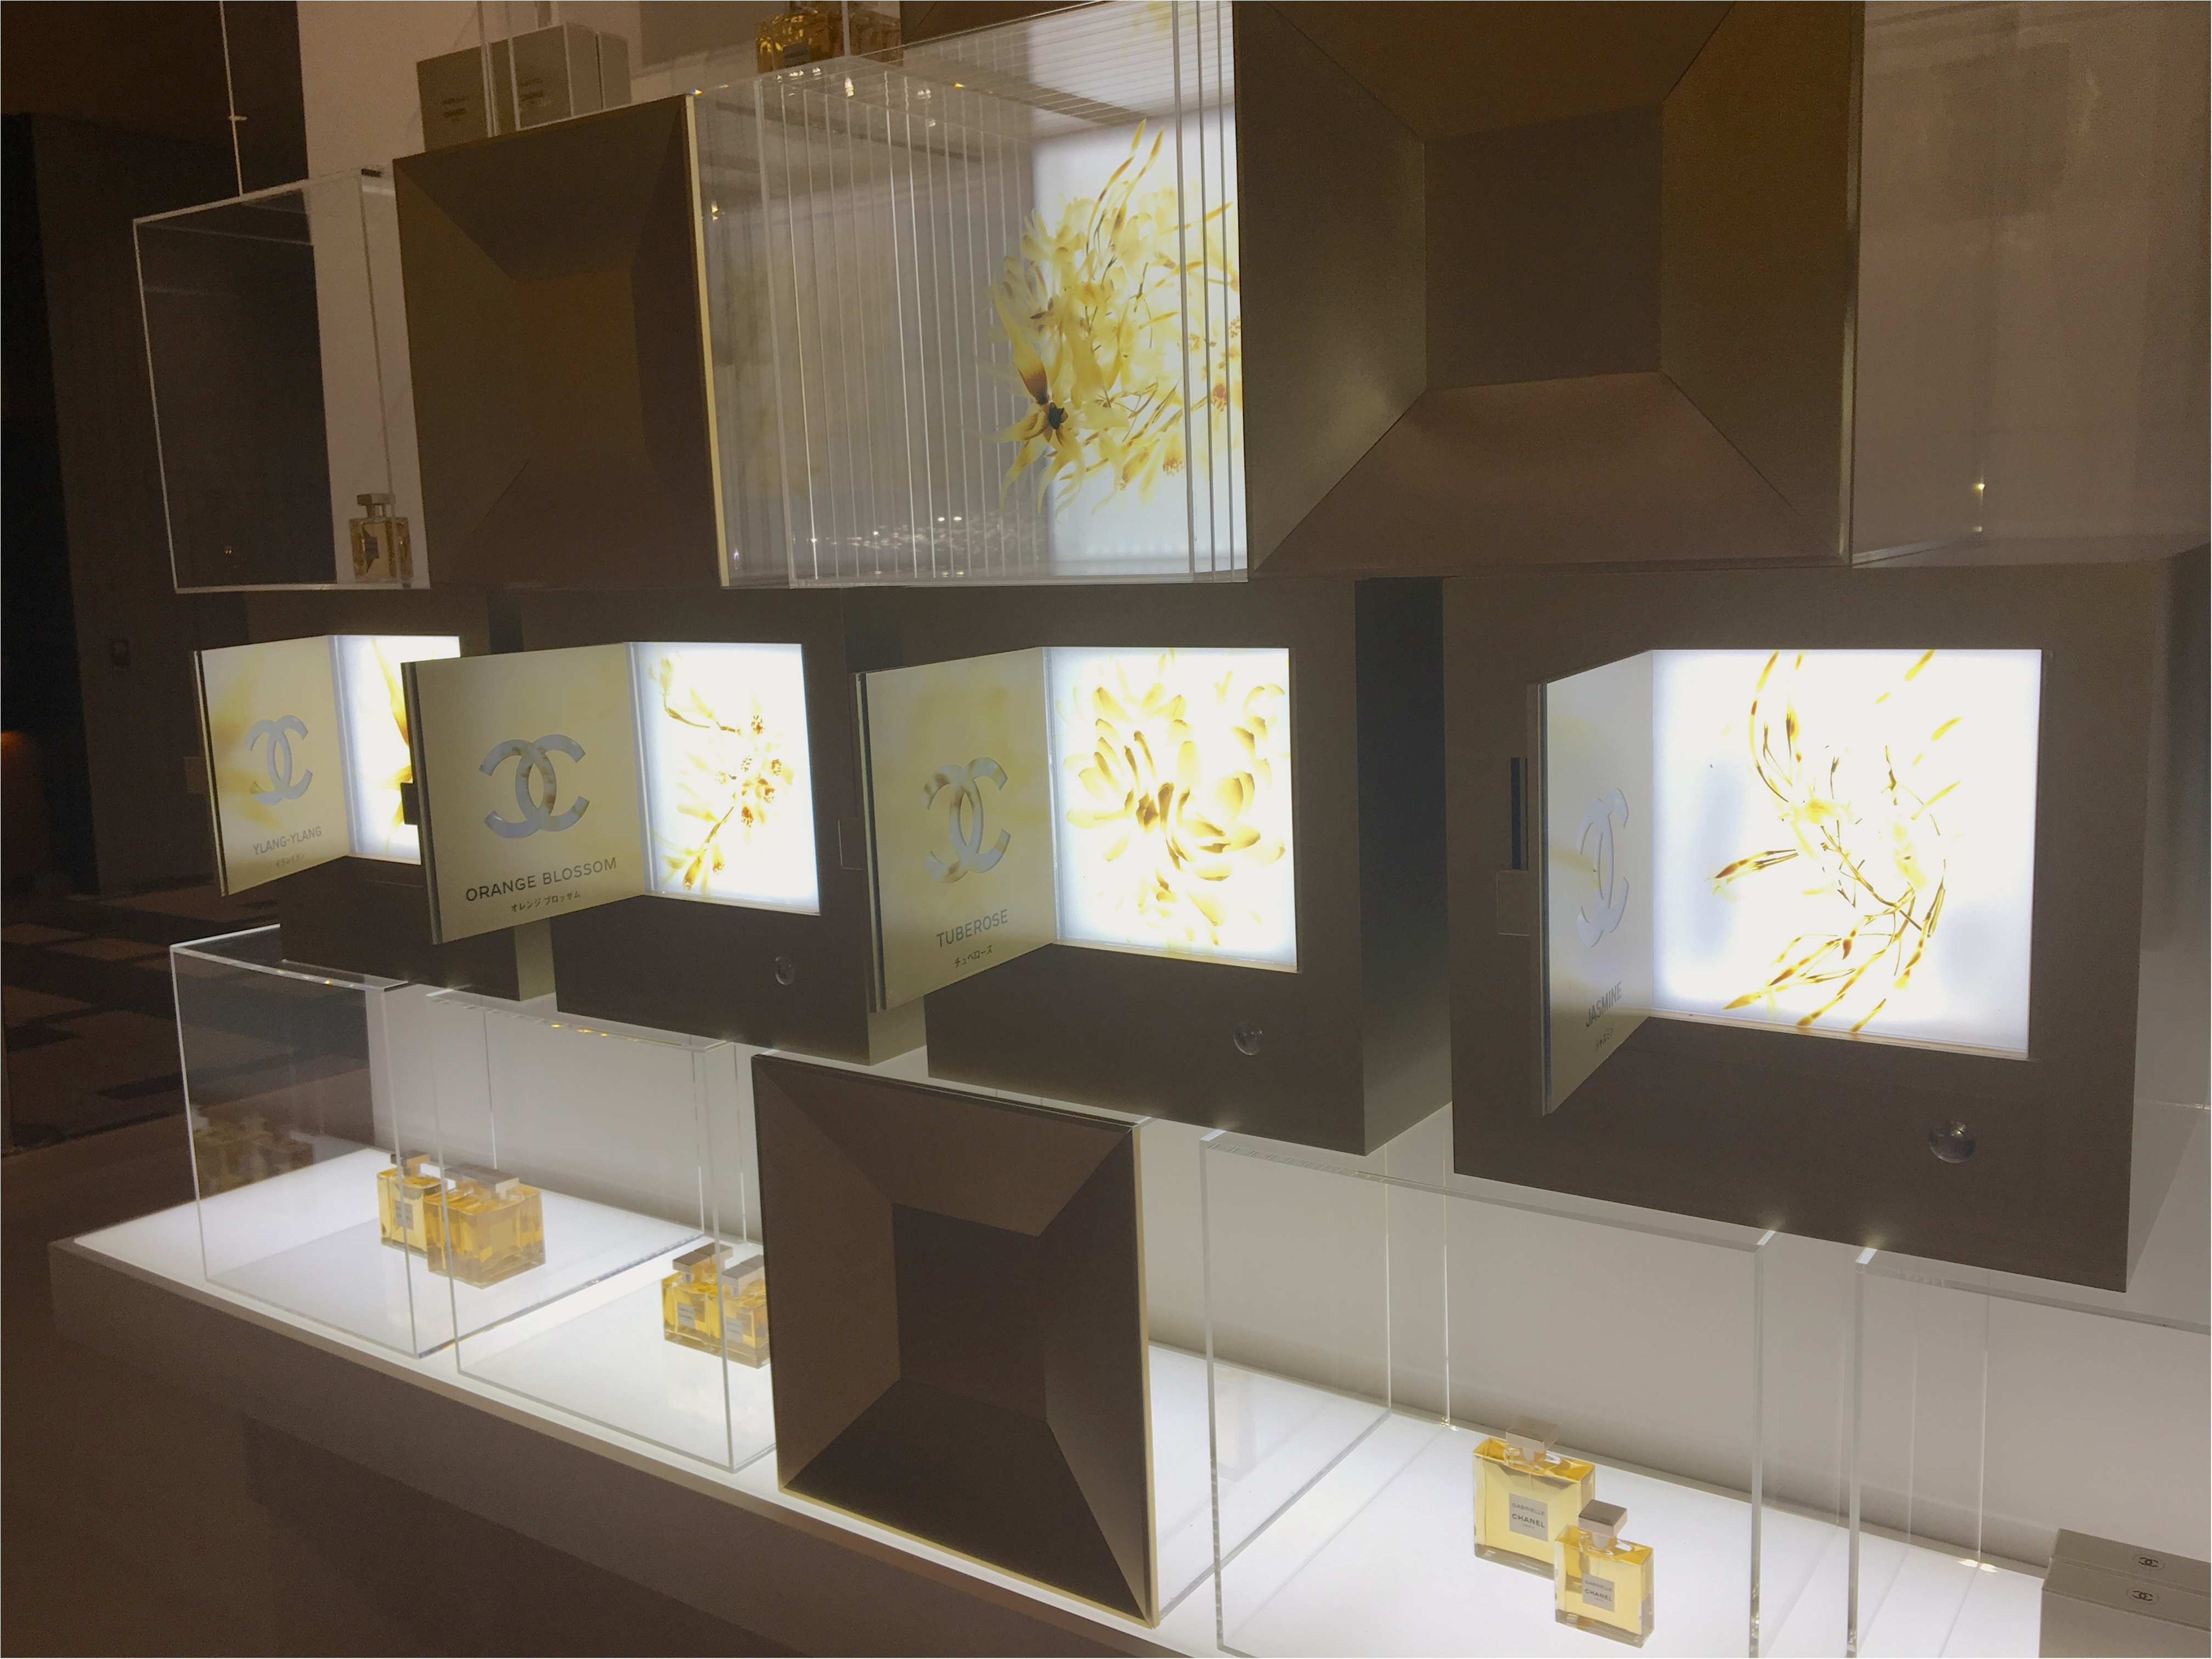 「ガブリエル シャネル」の香りを体感できるイベントスペースが、東京ミッドタウンに登場! SNS映え間違いなしの、美しすぎる空間をご覧あれ♡_1_3